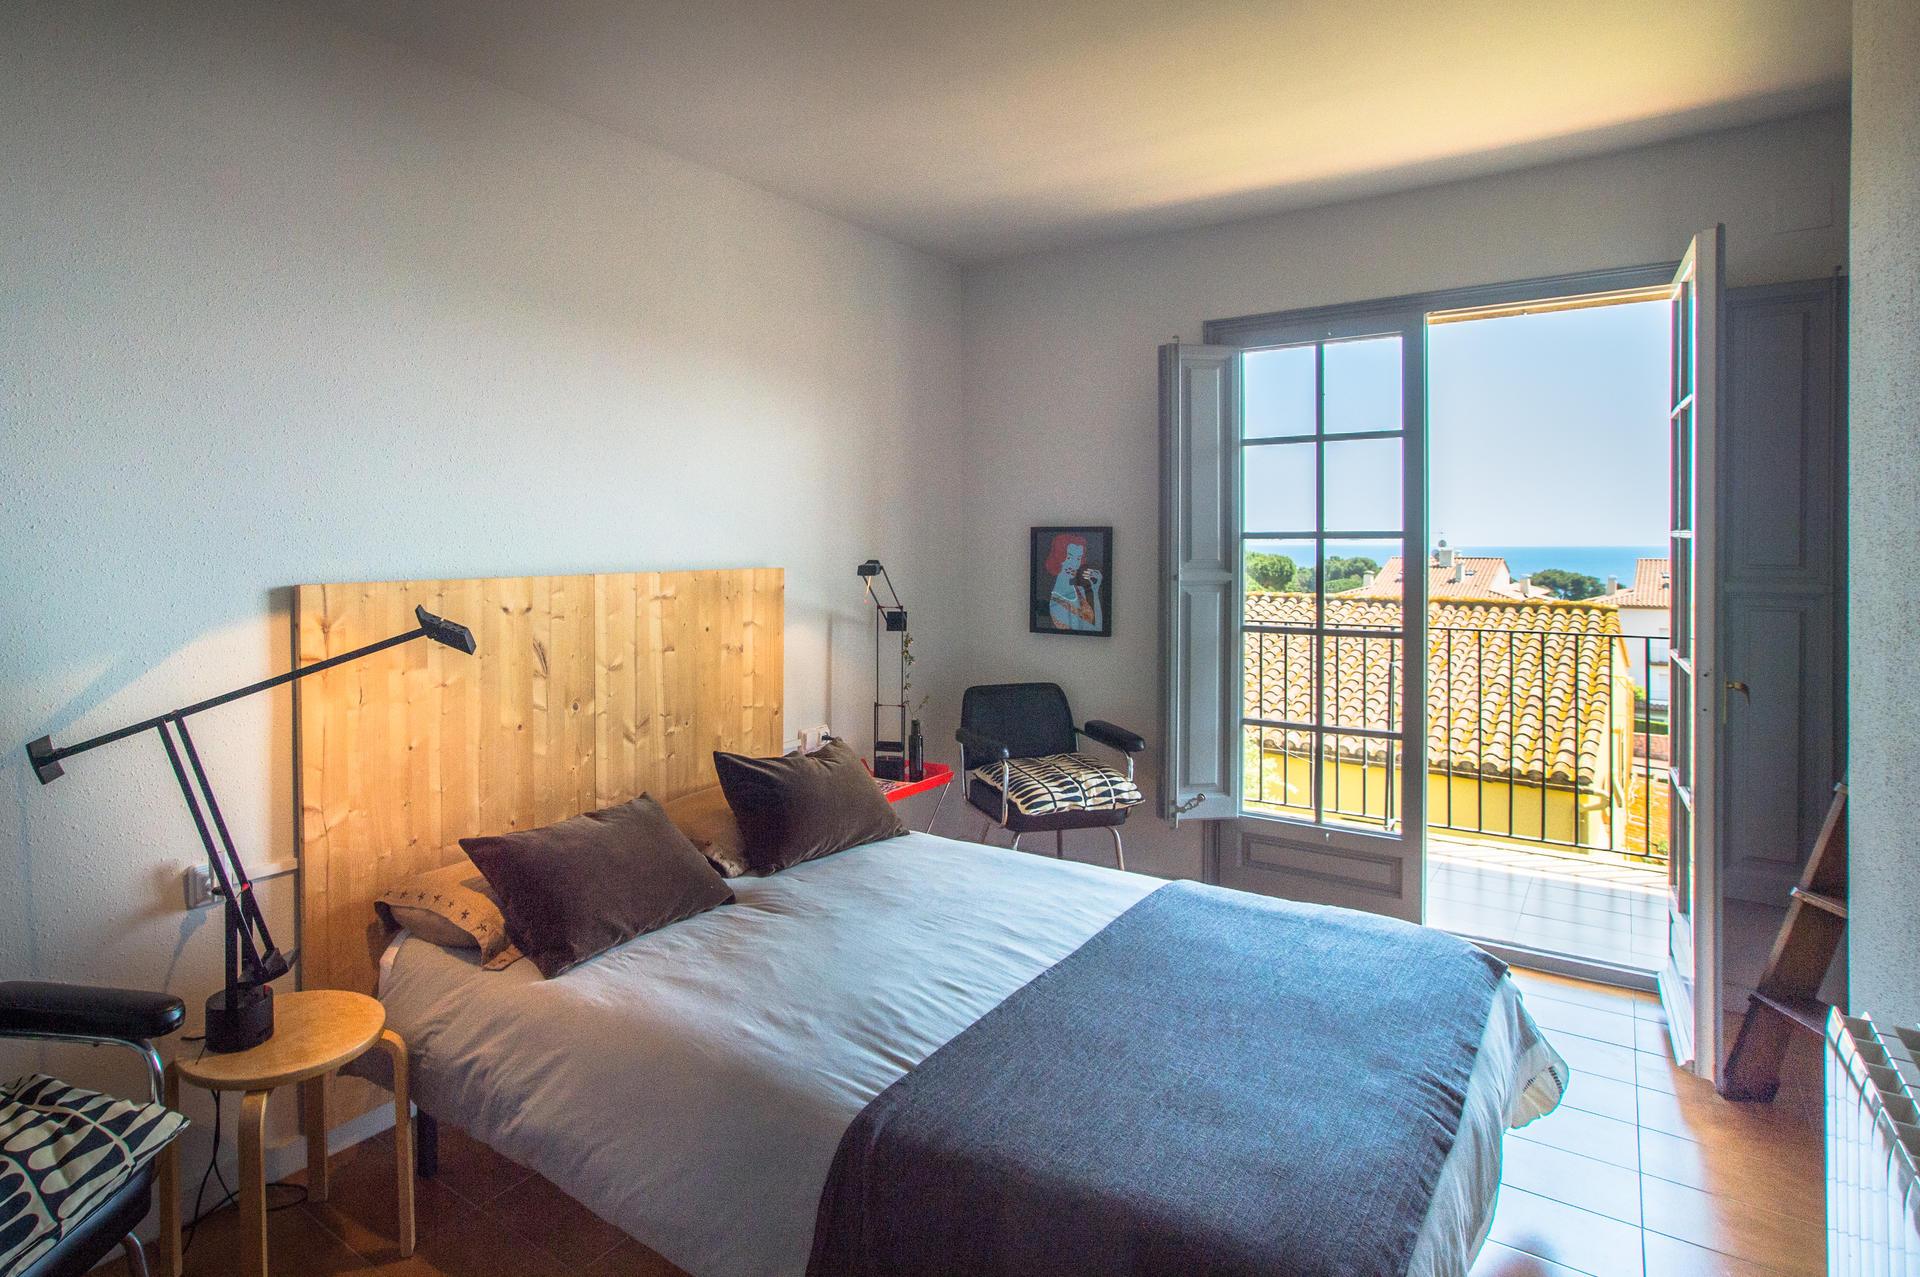 Coquetos apartamentos con terraza y vistas al mar. Alquiler Casa en Calella de Palafrugell - AF-2 CALELLA DE ...